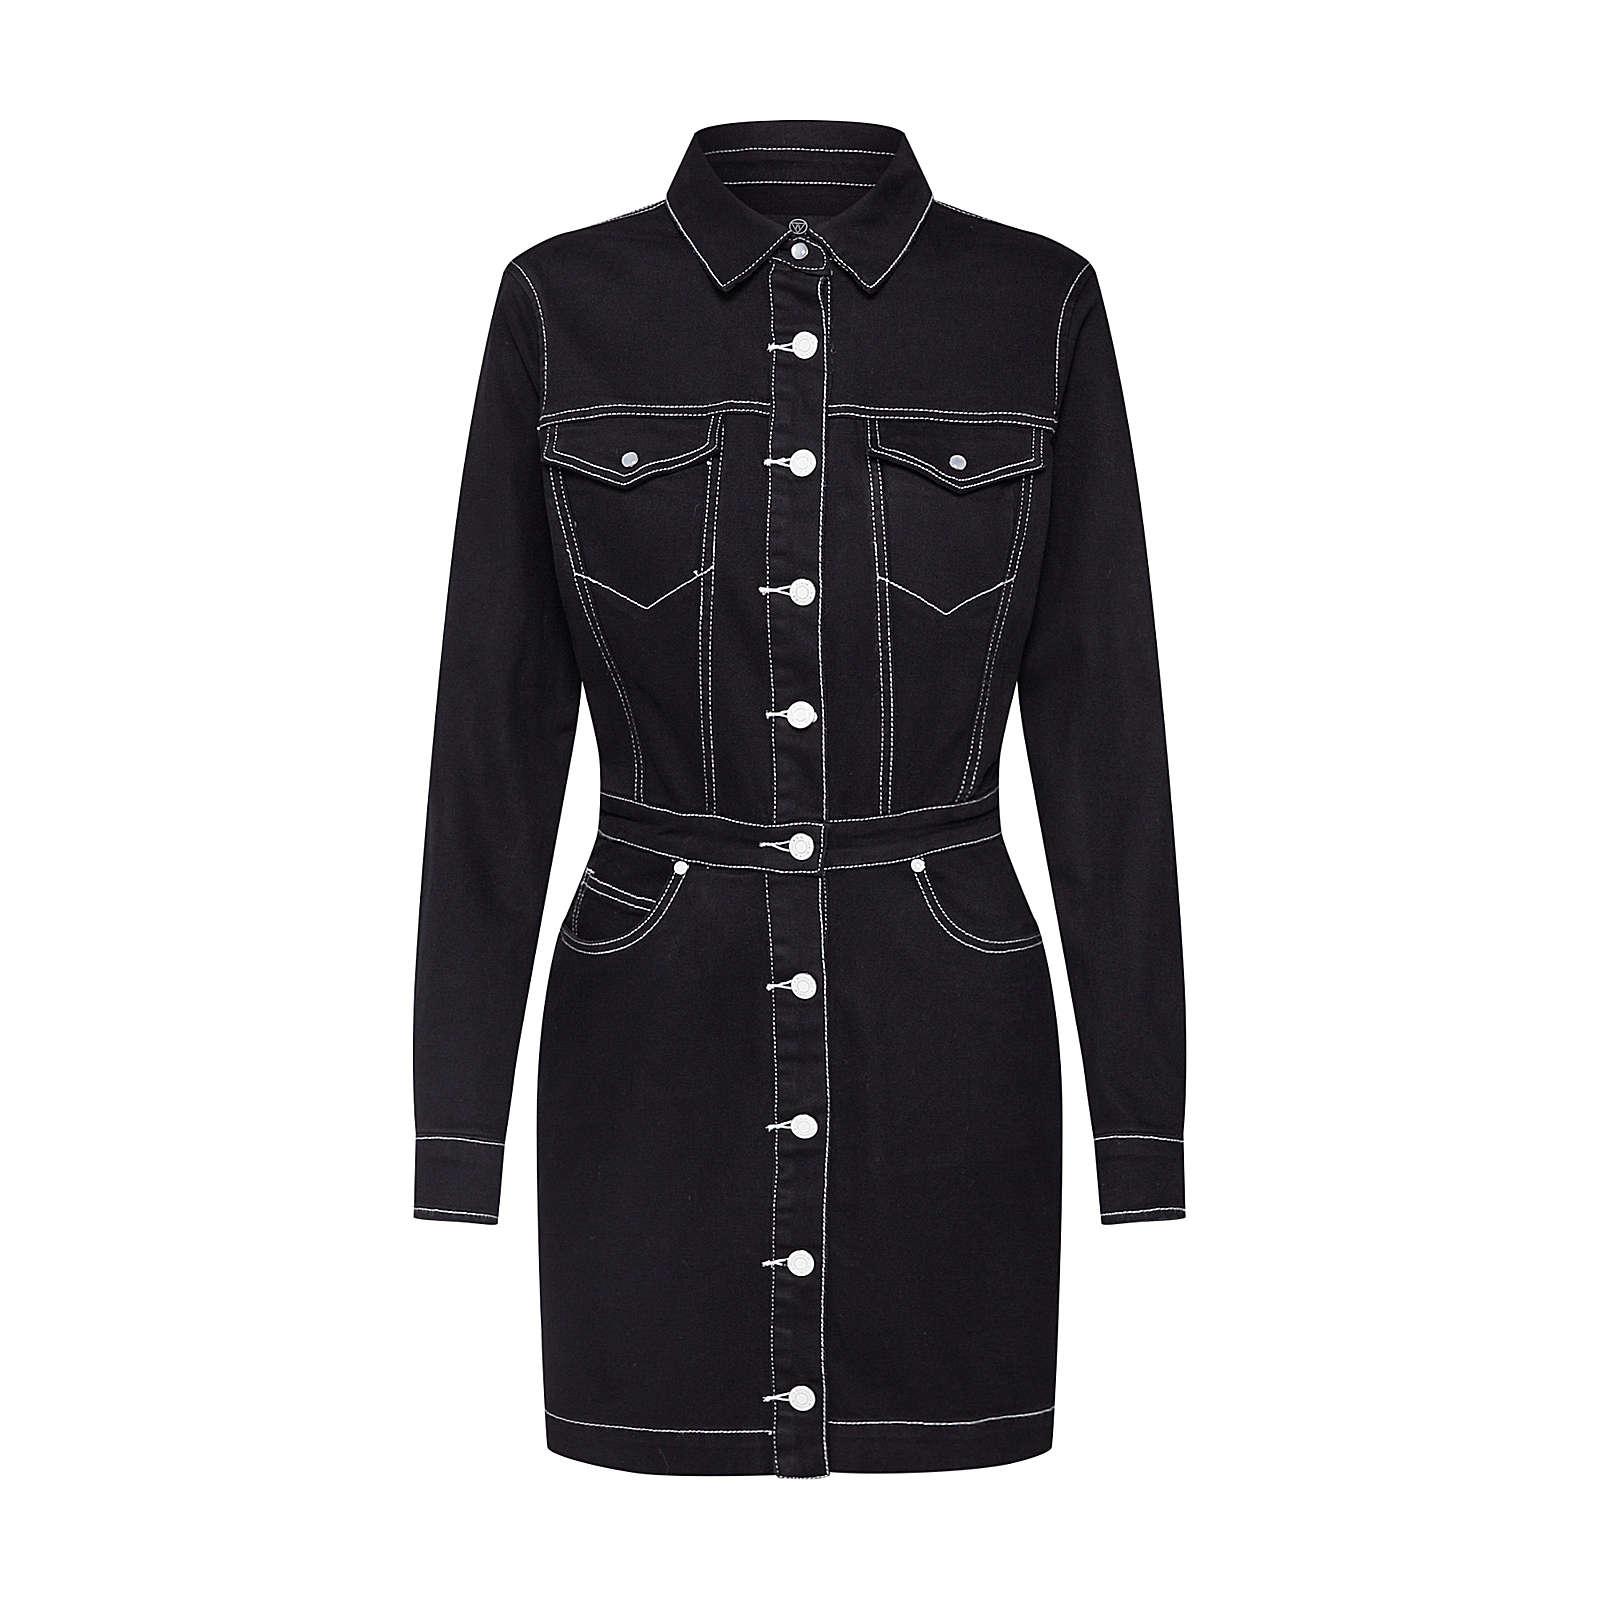 Missguided Blusenkleid Blusenkleider schwarz Damen Gr. 34